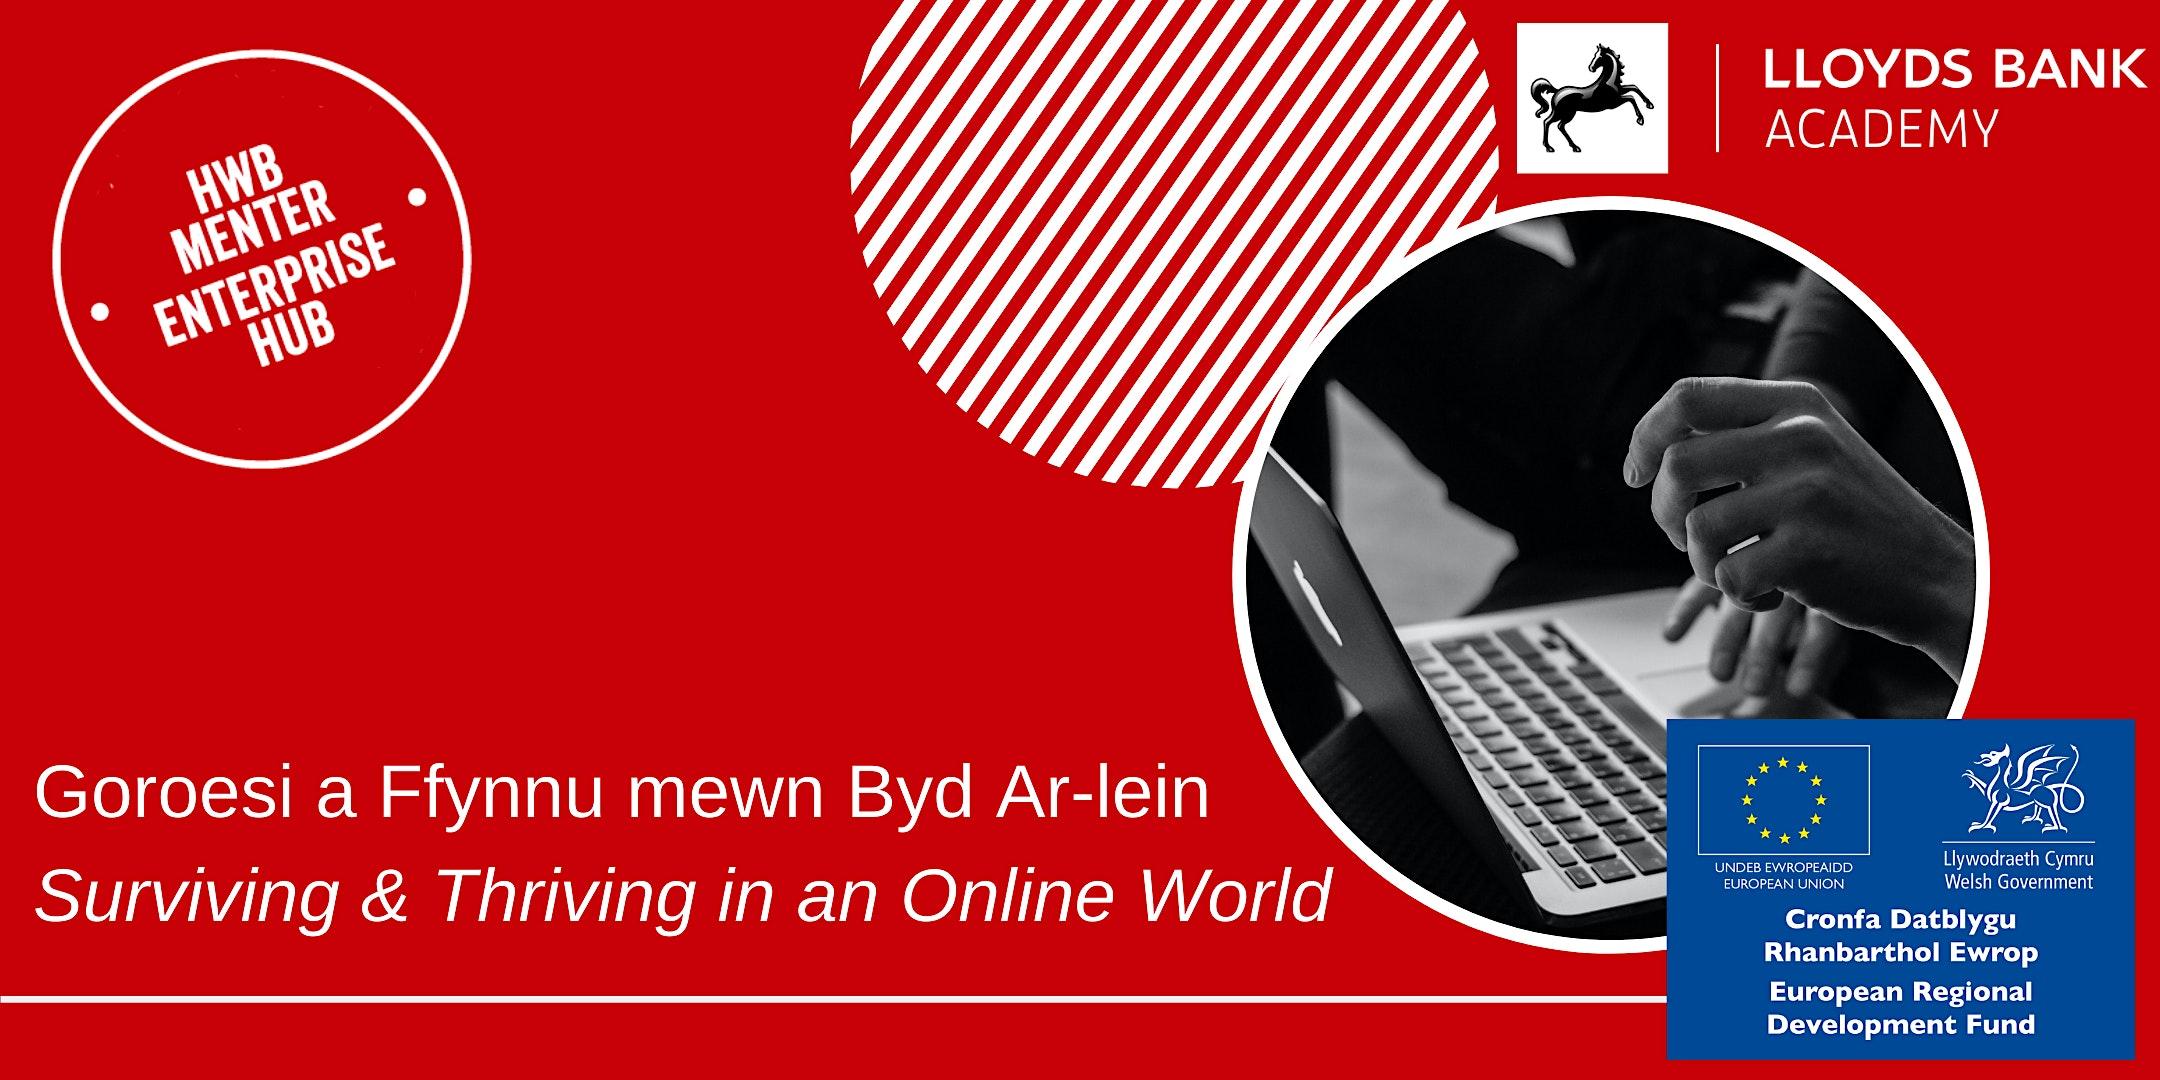 Goroesi a Ffynnu mewn Byd Ar-lein / Surviving & Thriving in an Online World